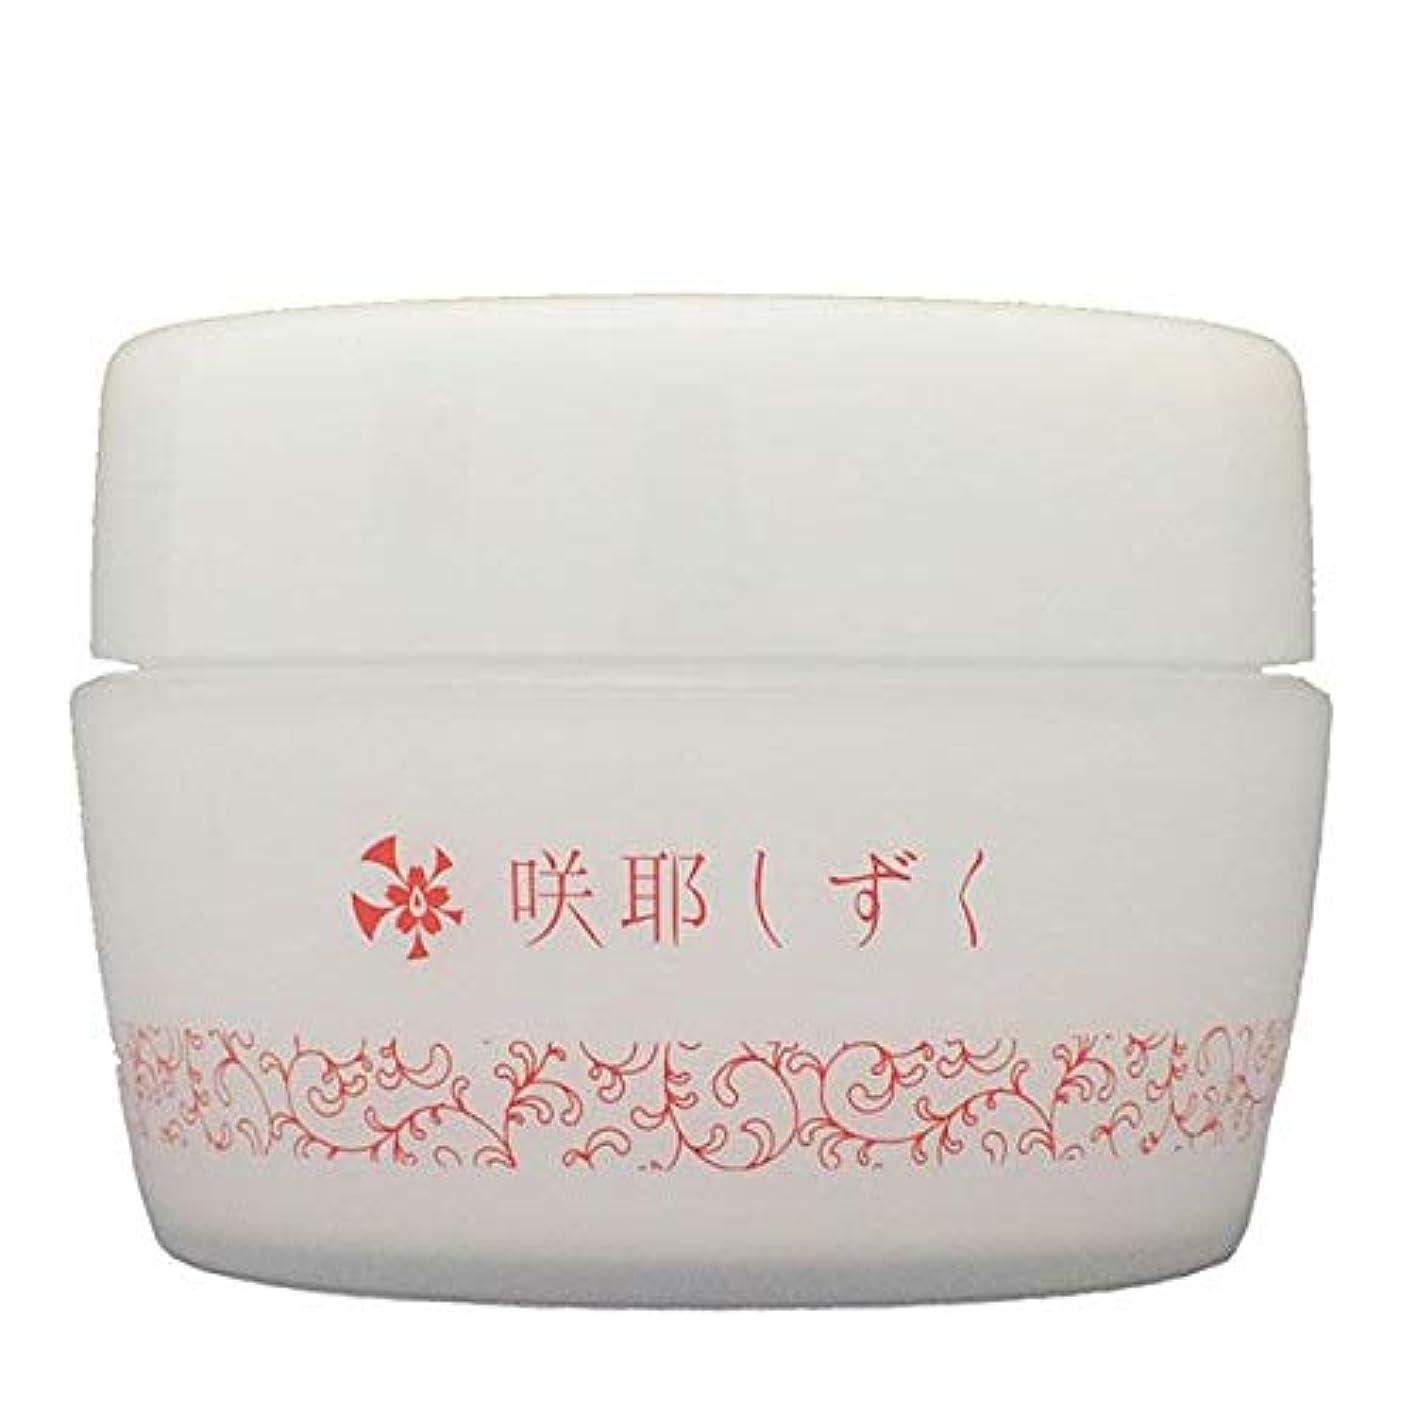 生活ギャップはがき咲耶しずく クリーム 乾燥肌 さくやしずく 敏感肌 エムズジャパン M's Japan ms-sge01